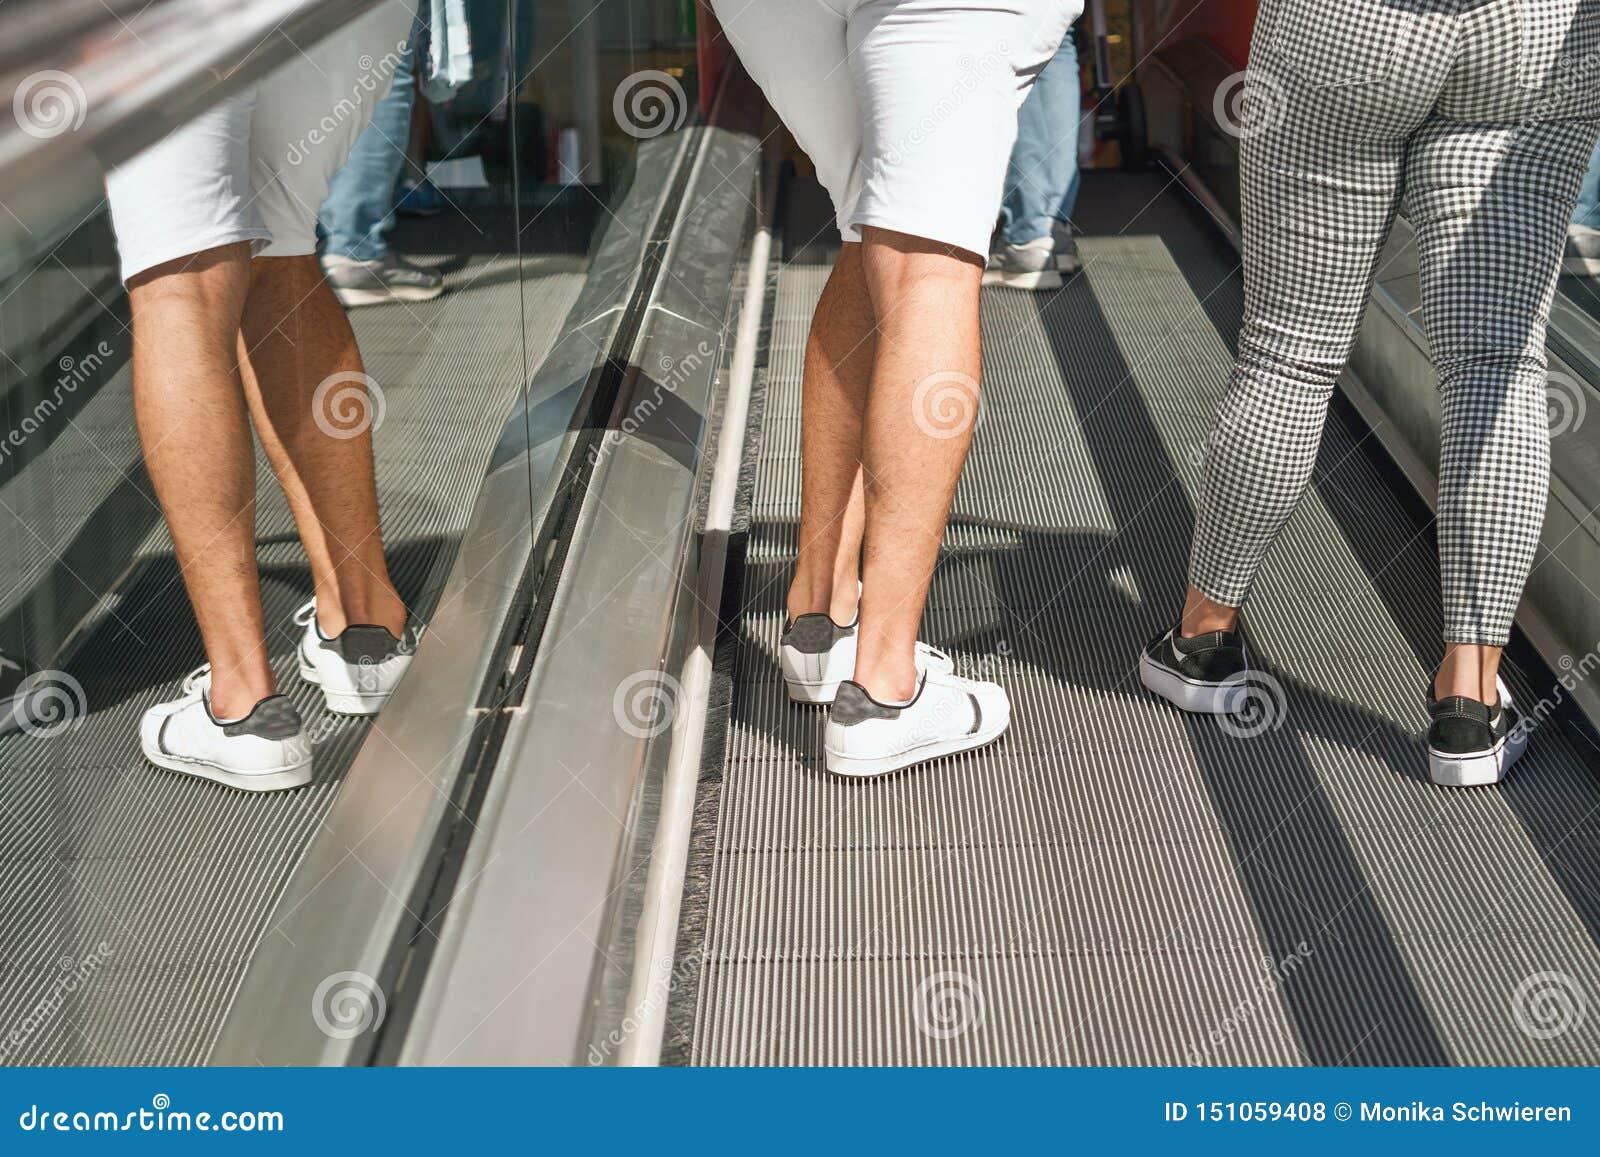 Dwa persons jadą w górę eskalatoru tylko nogi są widoczni lewa osoba odzwierciedlają w szklanej pokrywie